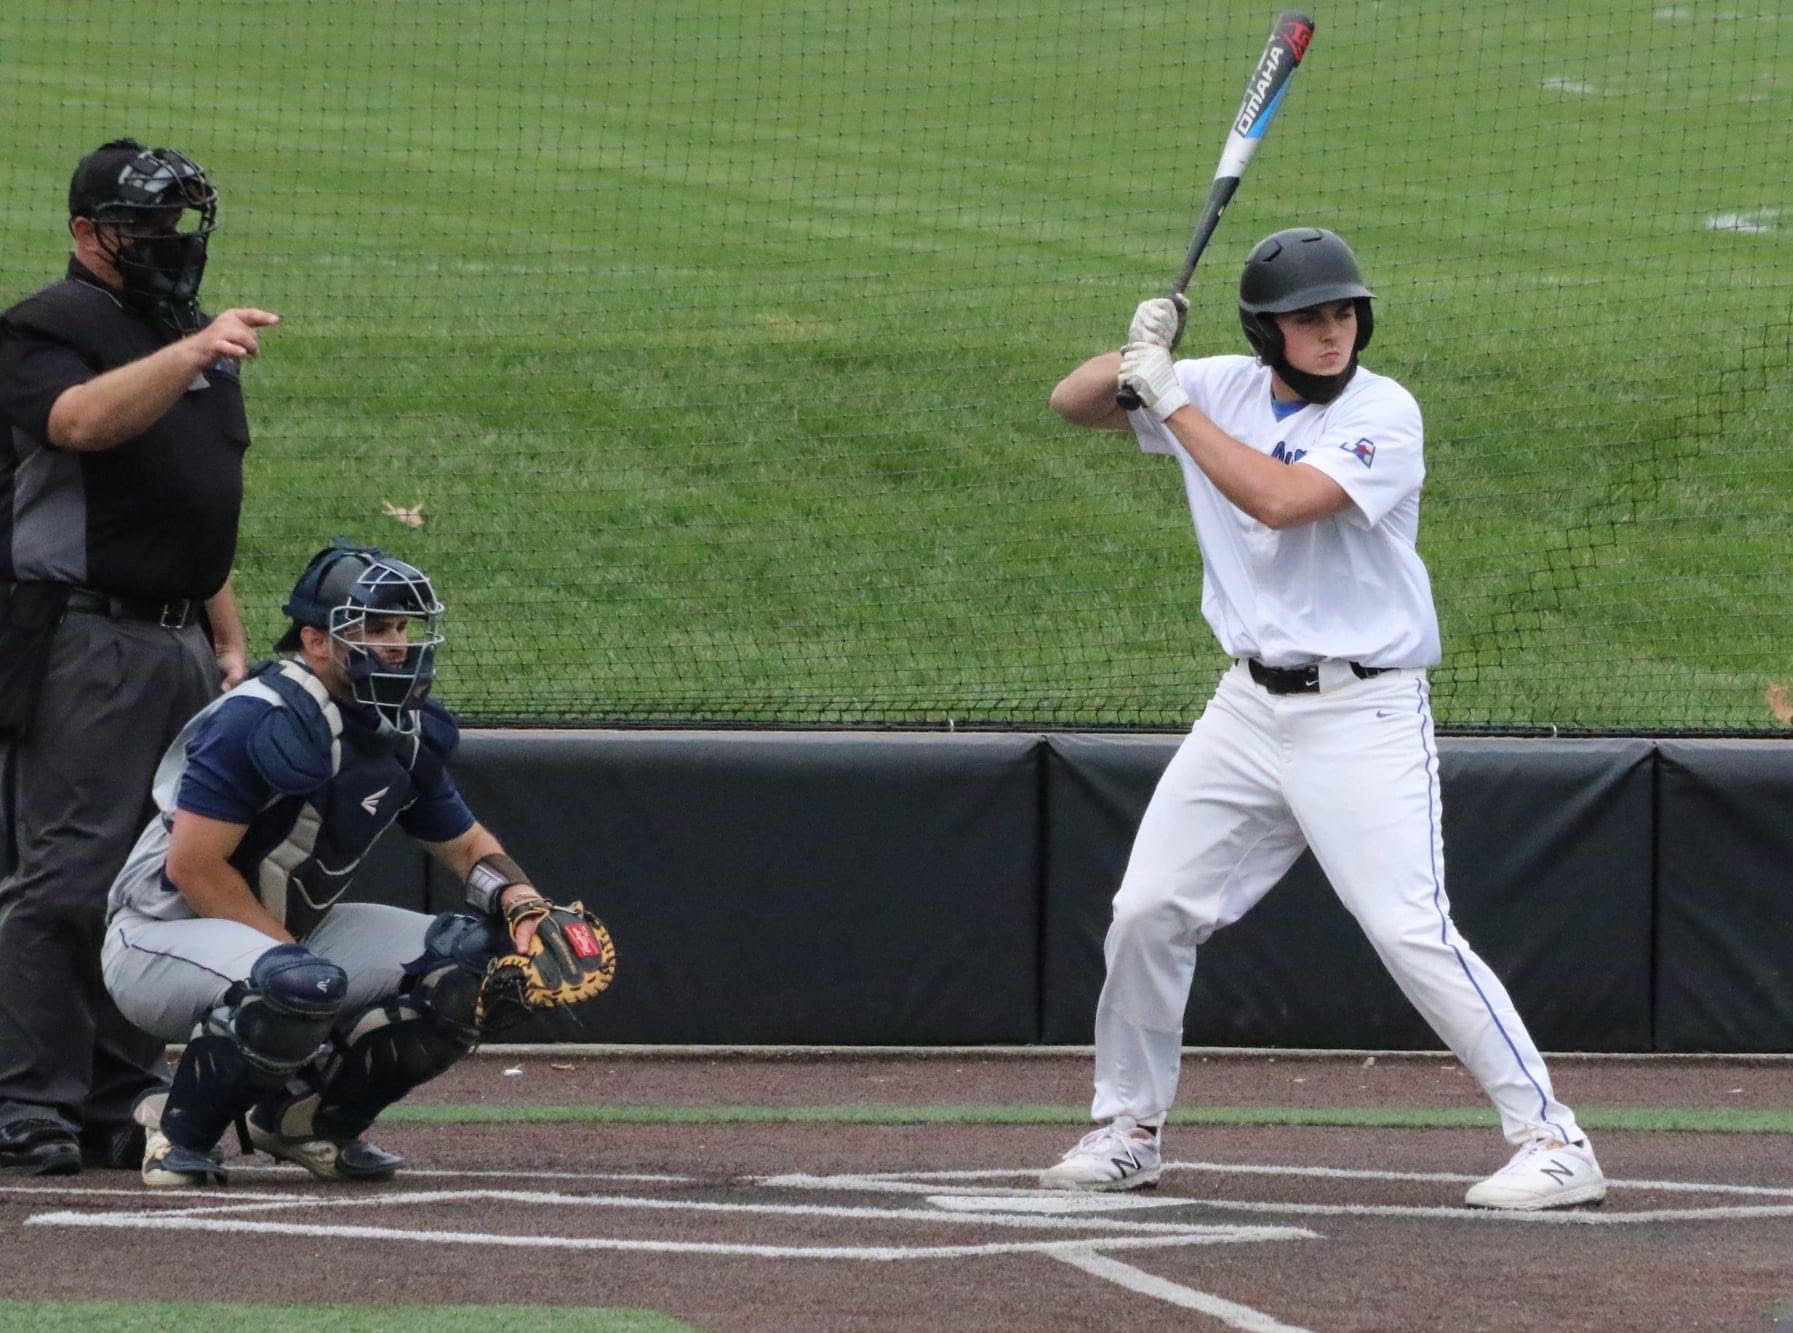 Jake up to bat